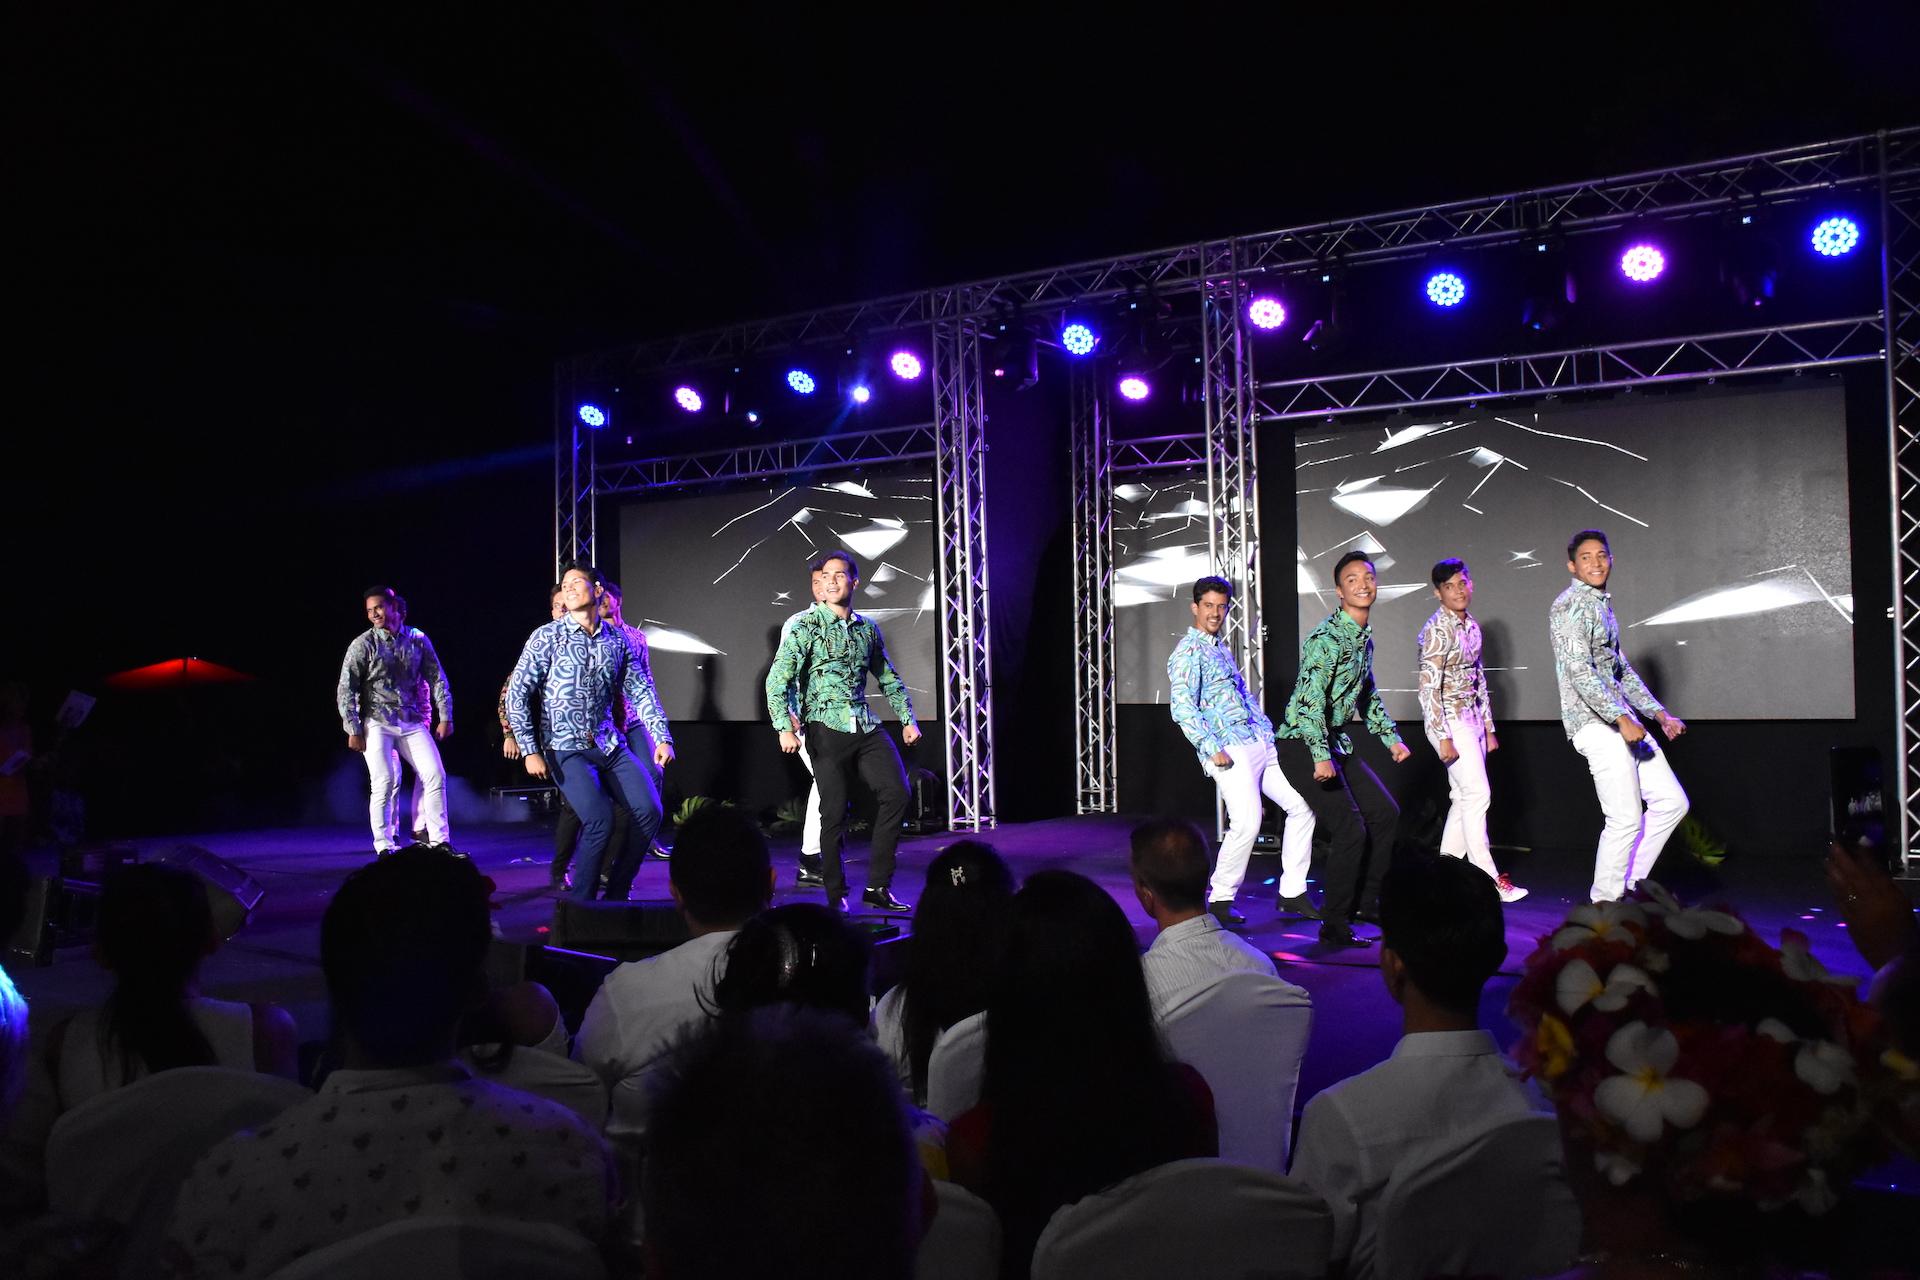 Les 12 prétendants à l'écharpe de Mister Tahiti 2019 ont assuré le spectacle pendant plus de trois heures.